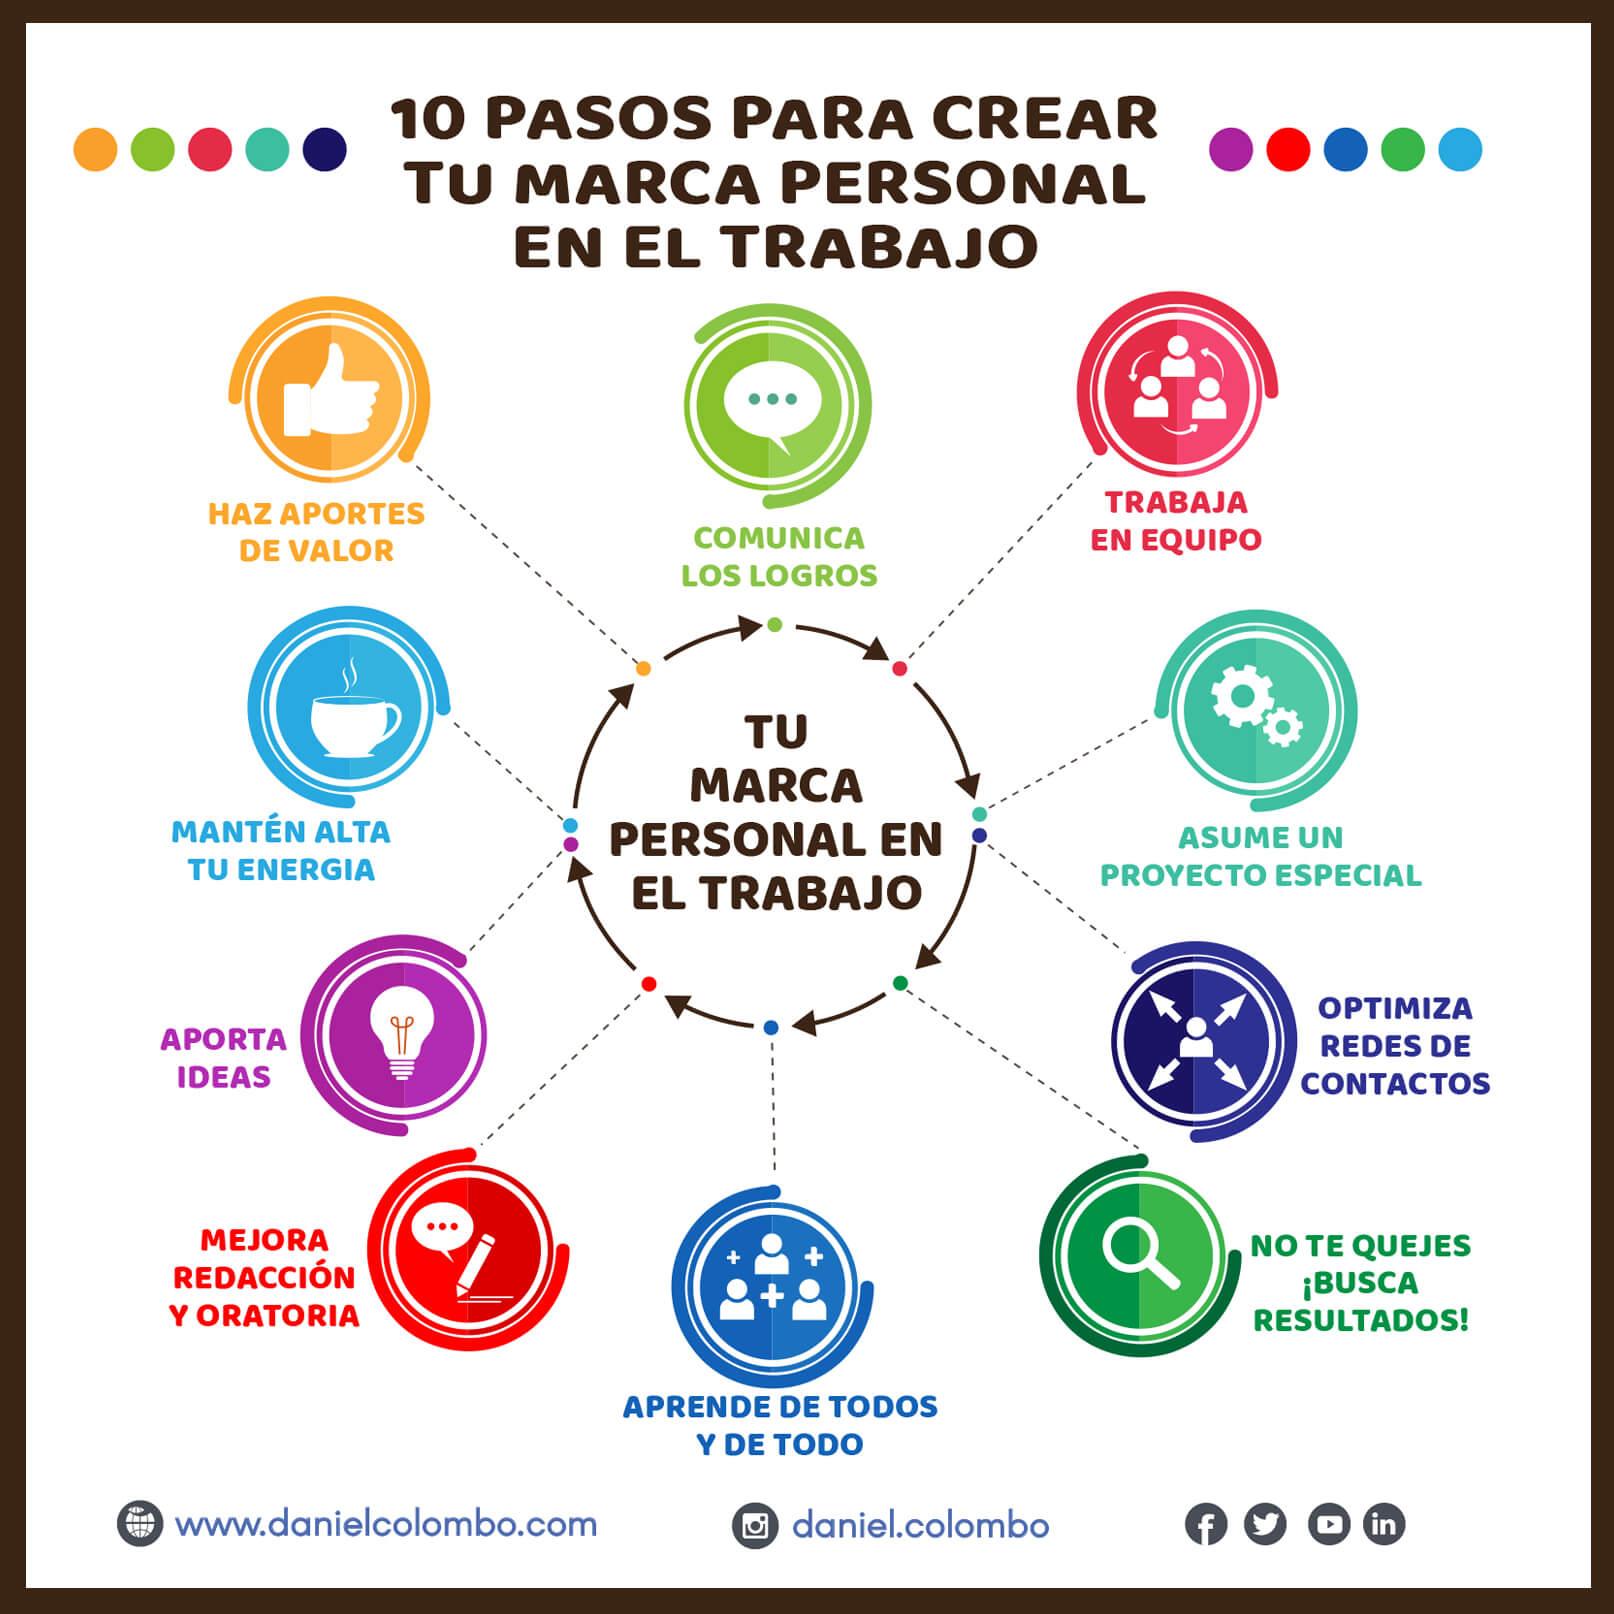 Infografía: 10 pasos para crear tu marca personal en el trabajo. Autor: Daniel Colombo